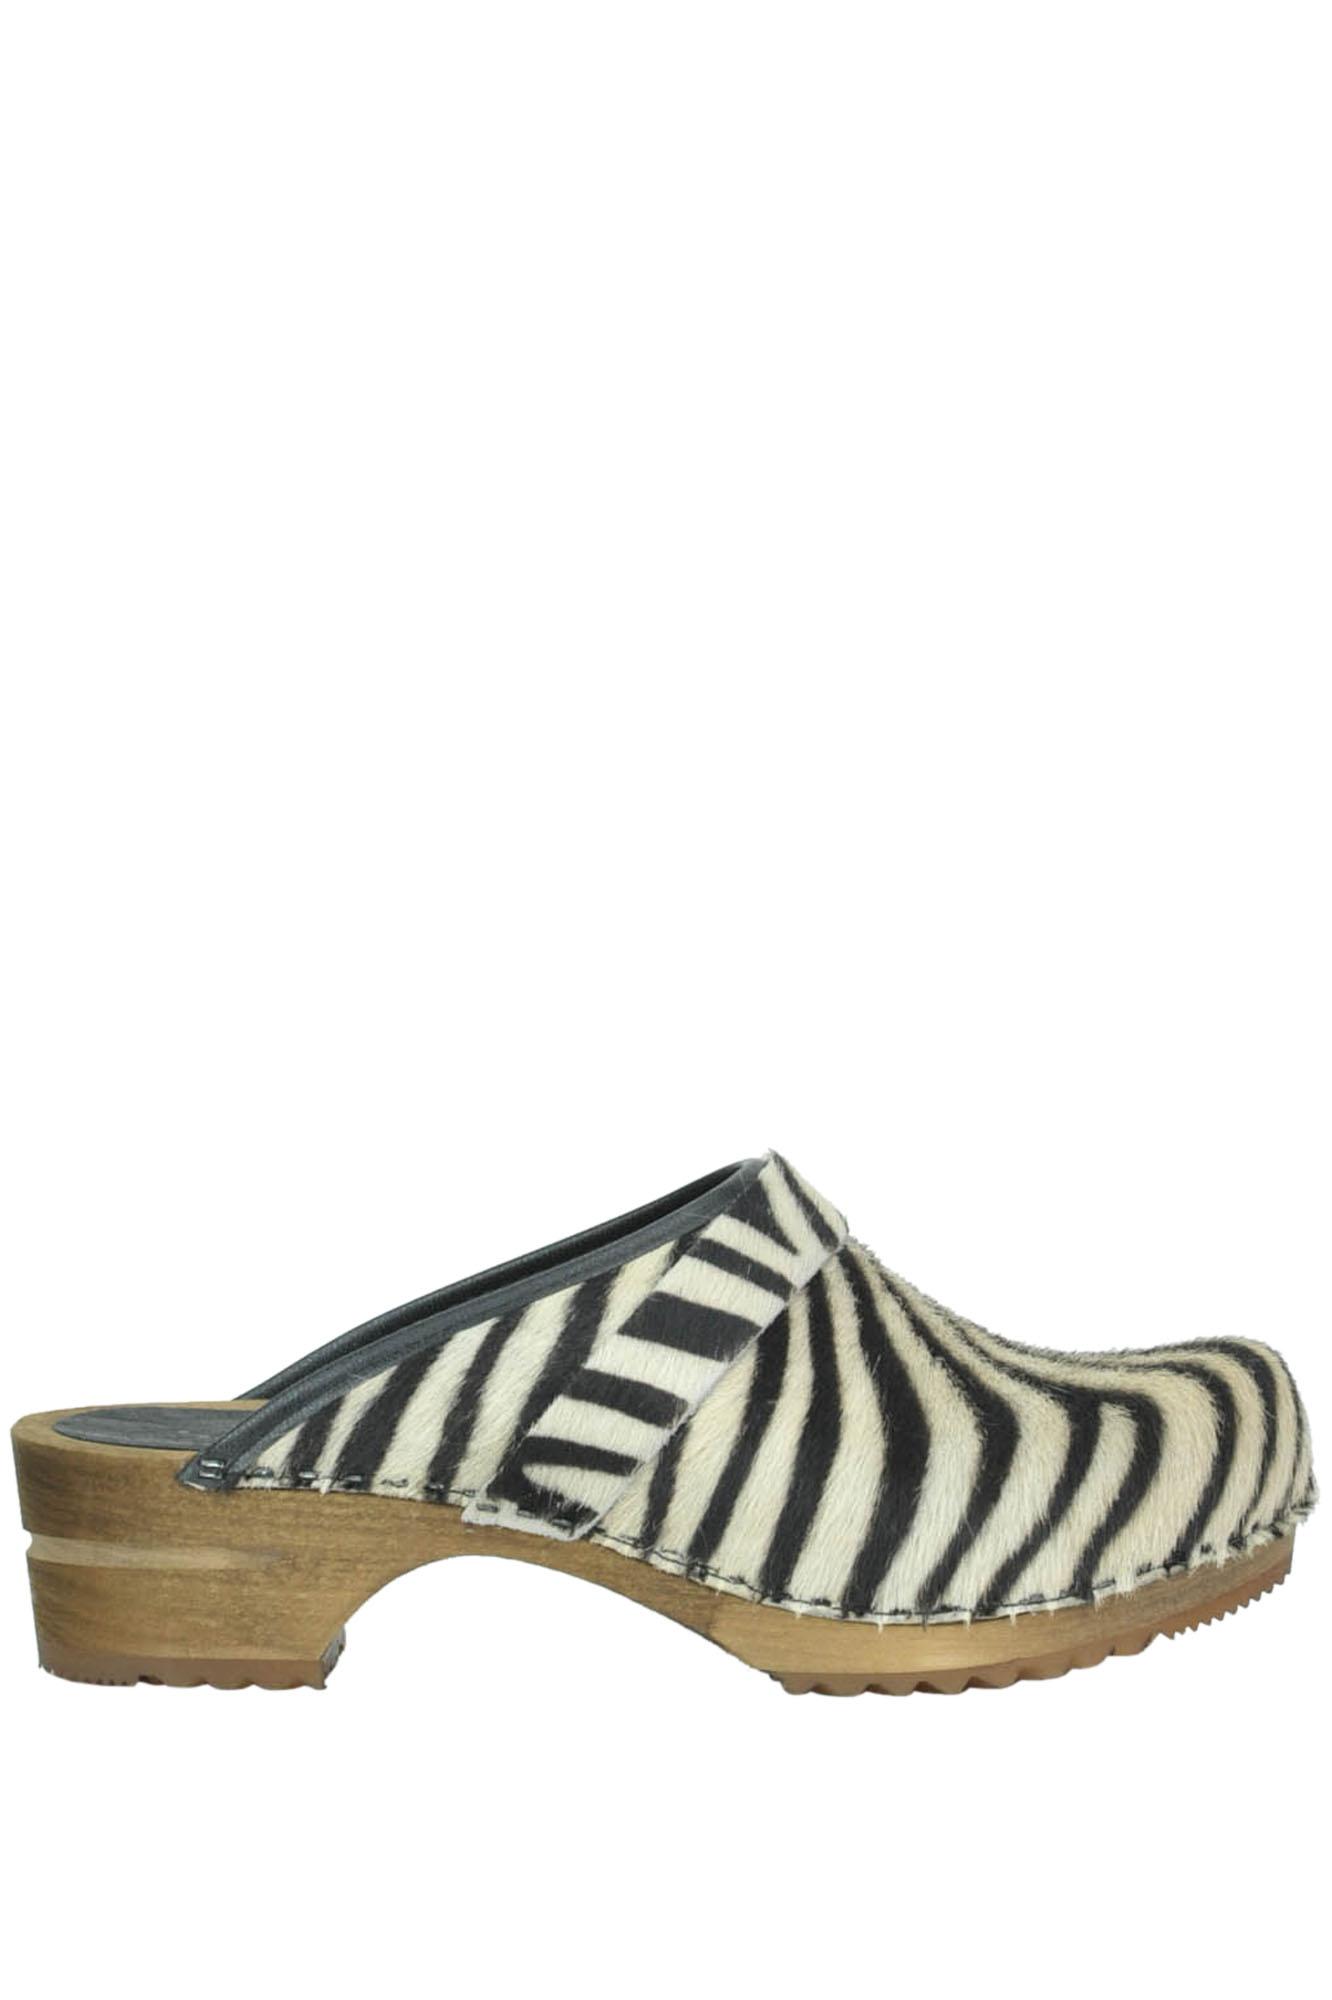 Image of Scarpe zoccoli in cavallino